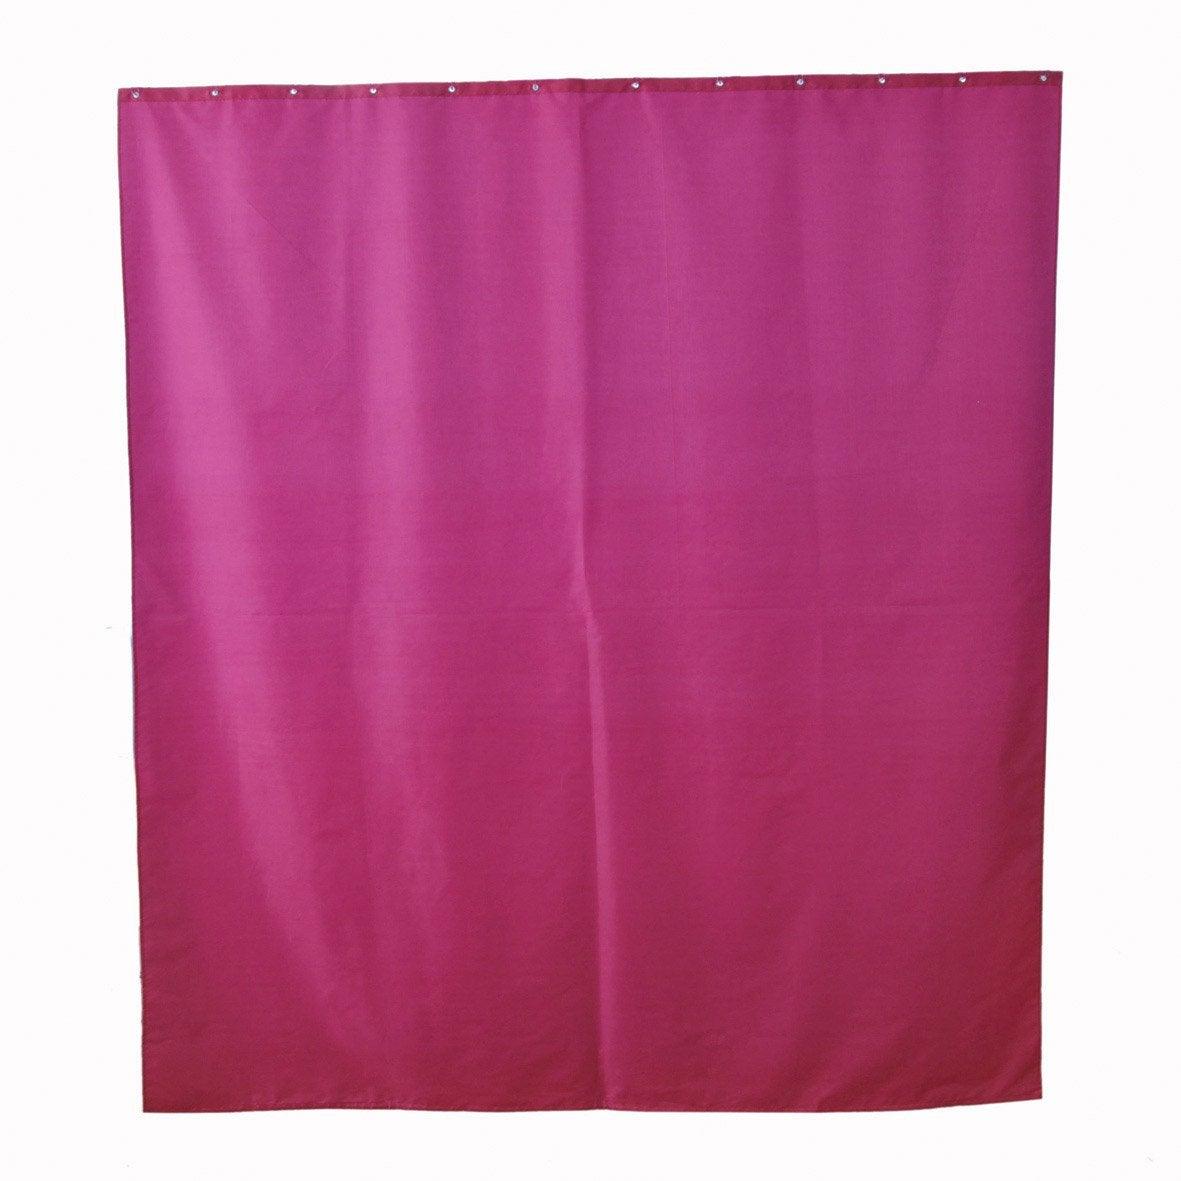 Rideau de douche en textile rose shocking n 3 x h - Rideau de douche leroy merlin ...